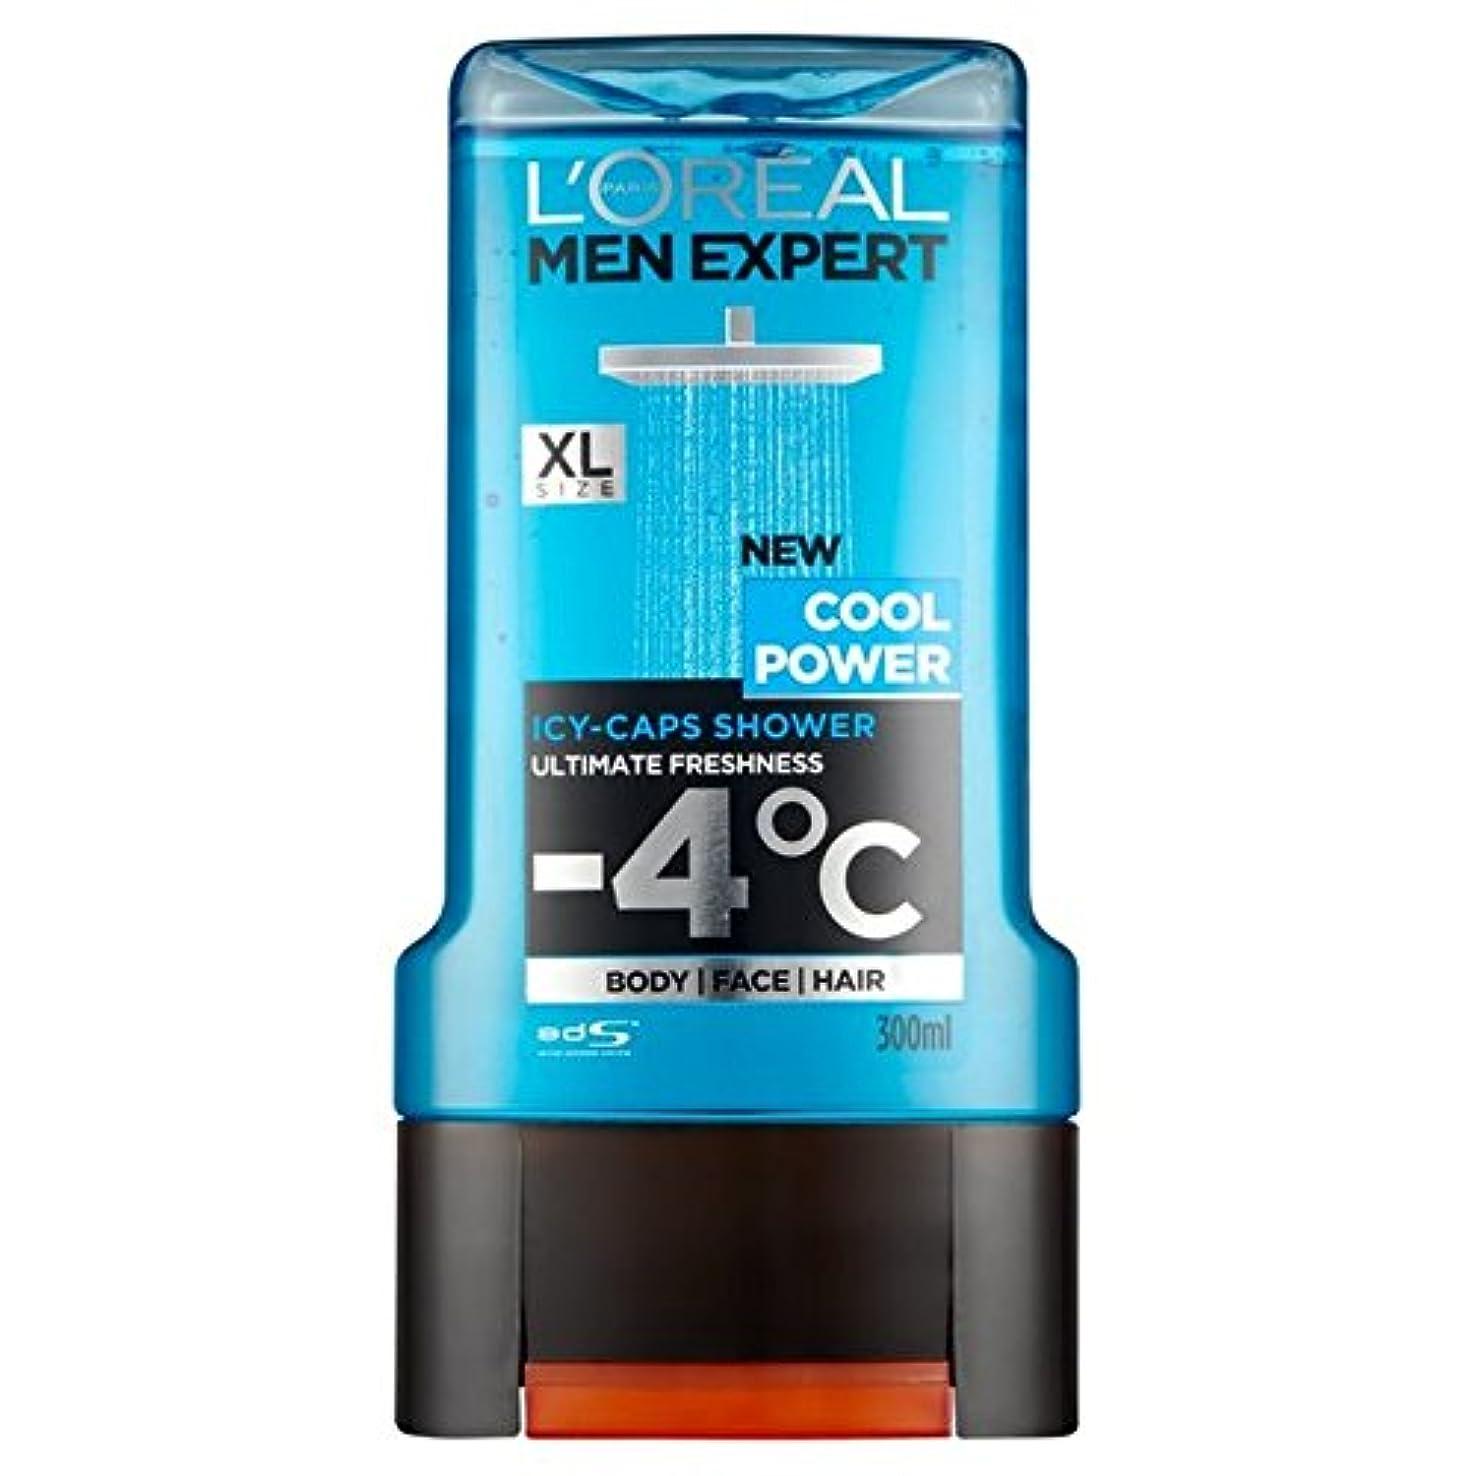 酸度クレーンペックL'Oreal Paris Men Expert Cool Power Shower Gel 300ml - ロレアルパリの男性の専門家のクールなパワーシャワージェル300ミリリットル [並行輸入品]